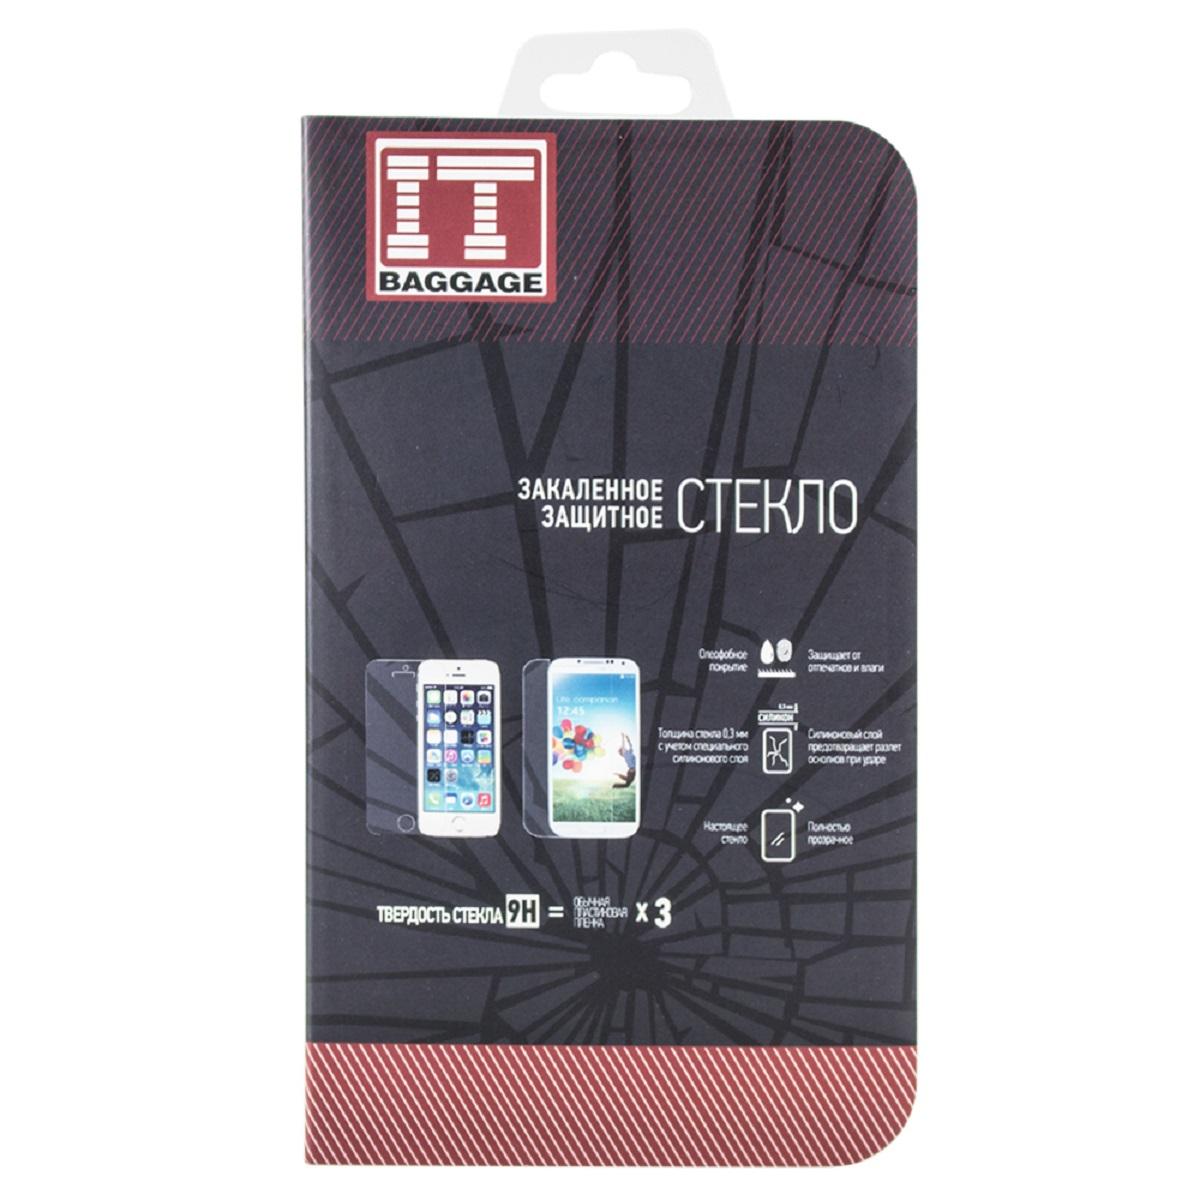 IT Baggage защитное стекло для Asus ZenFone Selfie ZD551KLITASZD551GЗакаленное стекло IT Baggage для Asus ZenFone Selfie (ZD551KL) - это самый верный способ защитить экран от повреждений и загрязнений. Обладает высочайшим уровнем прозрачности и совершенно не влияет на отклик экранного сенсора и качество изображения. Препятствует появлению отпечатков и пятен. Удалить следы жира и косметики с поверхности аксессуара не составить ни какого труда. Характеристики защитного стекла делают его износостойким к таким механическим повреждениям, как царапины, сколы, потертости. При сильном ударе разбившееся стекло не разлетается на осколки, предохраняя вас от порезов, а экран устройства от повреждений. После снятия защитного стекла с поверхности дисплея, на нем не остаются повреждения, такие как потертости и царапины.